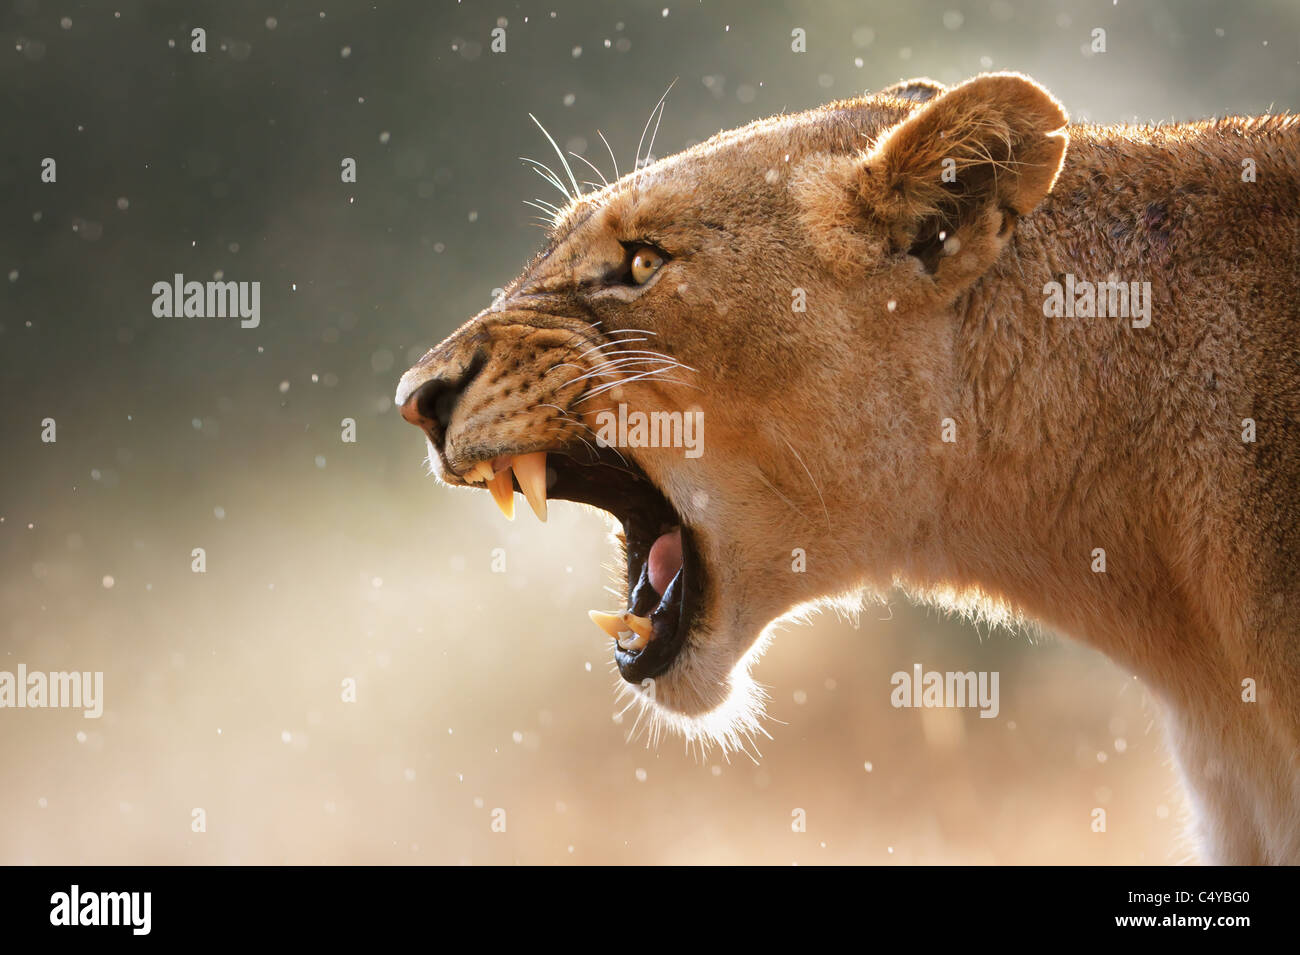 Leonessa visualizza denti pericolose durante la luce temporale - Kruger National Park - Sud Africa Foto Stock